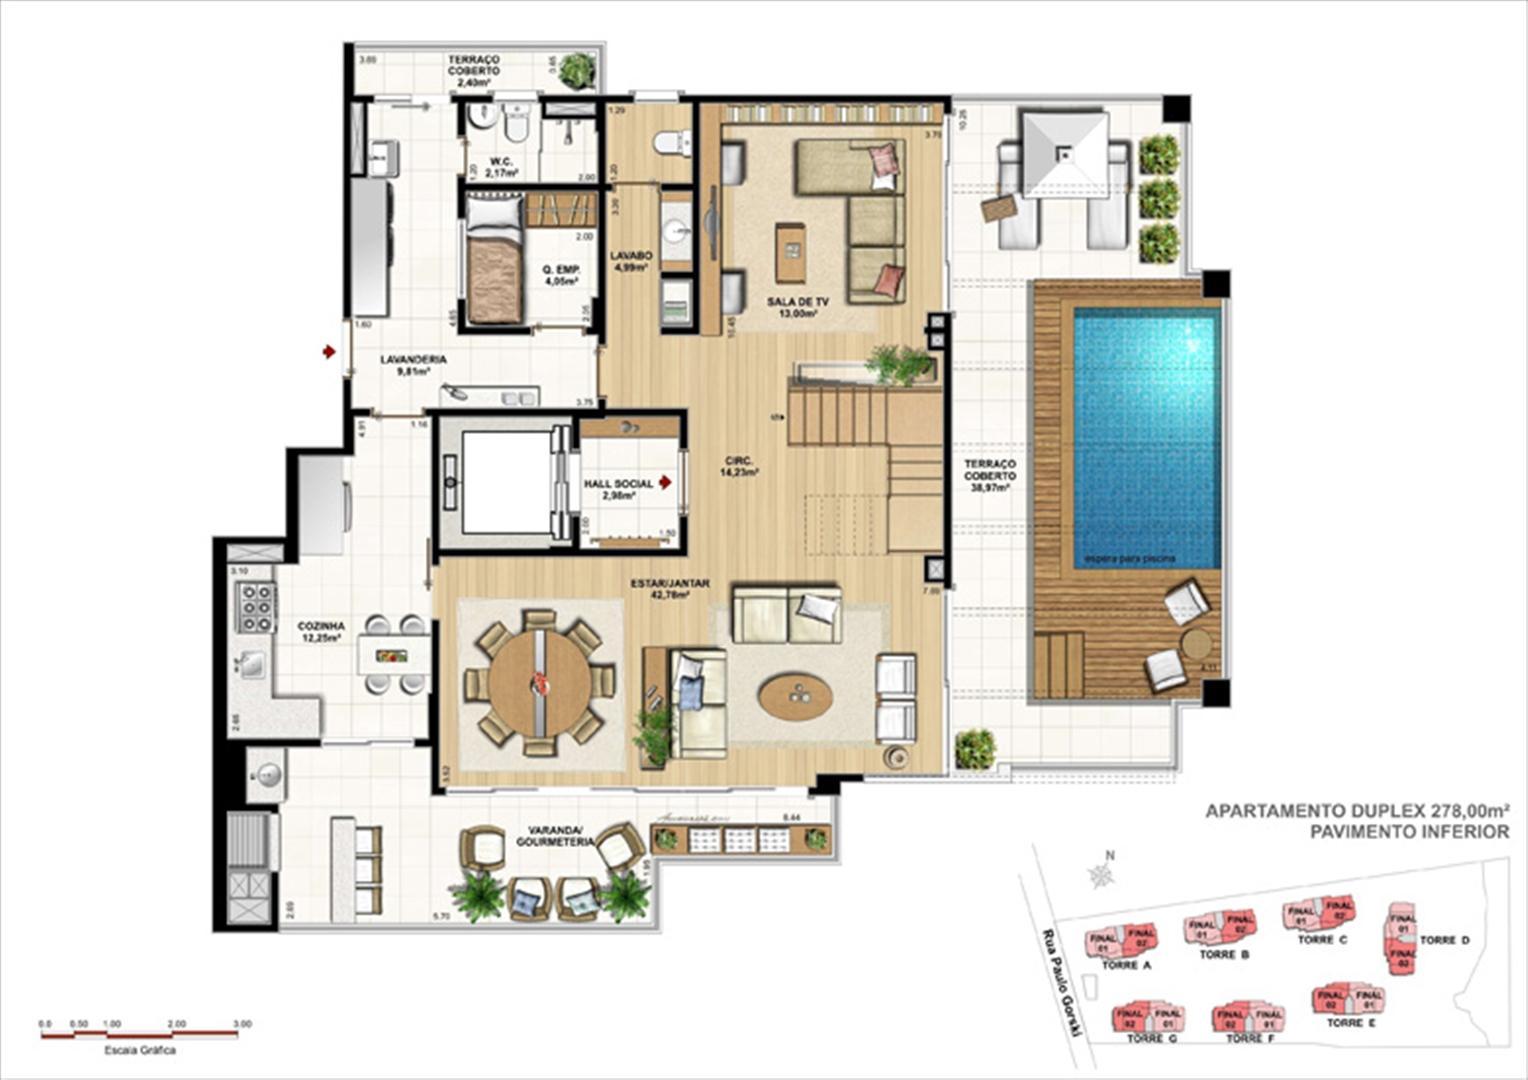 Duplex - 278 m² pavimento inferior  | Ópera Unique Home – Apartamento no  Ecoville - Curitiba - Paraná